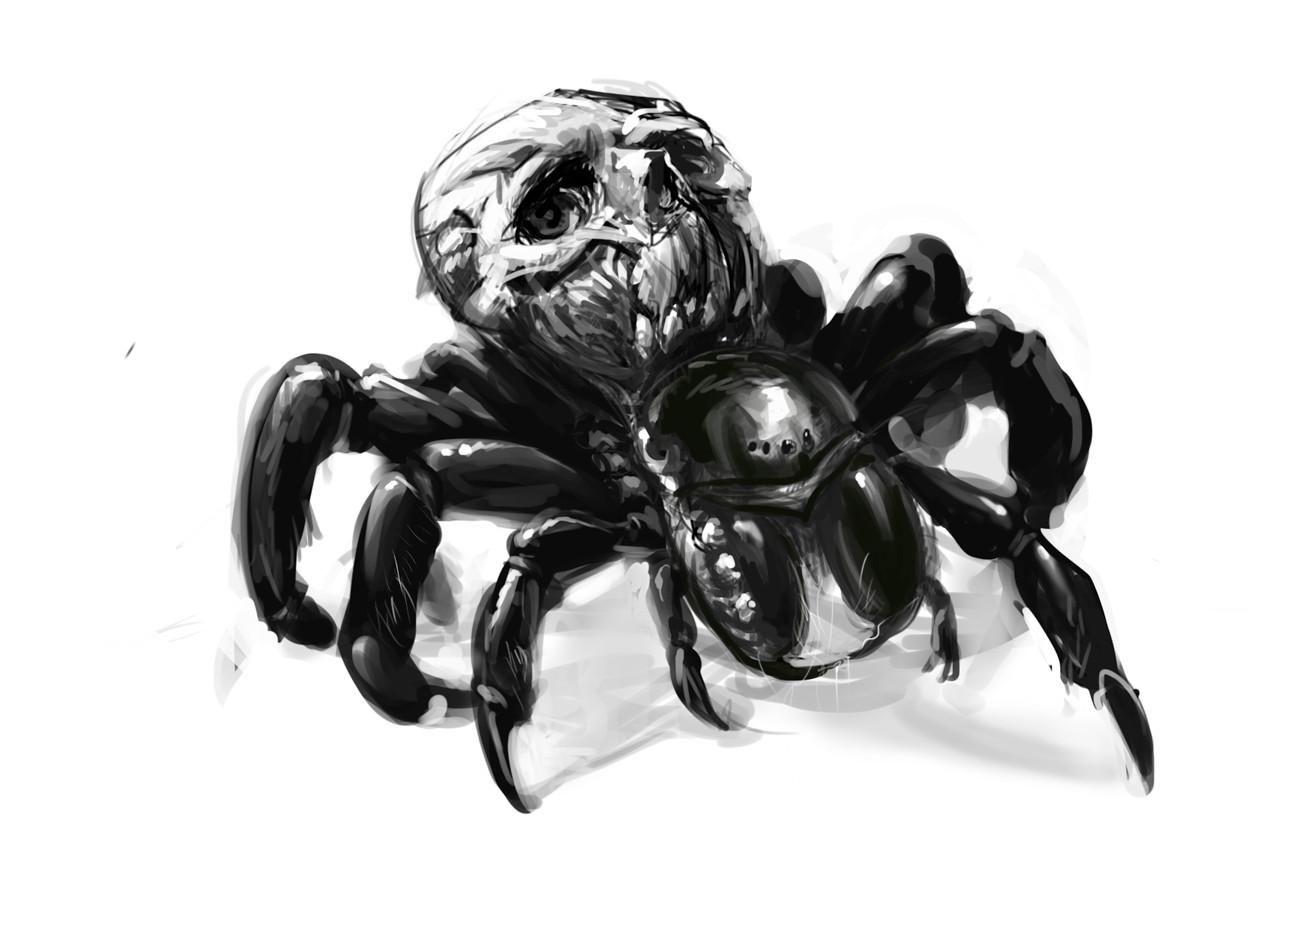 Carlo spagnola skulltula redesign sketch